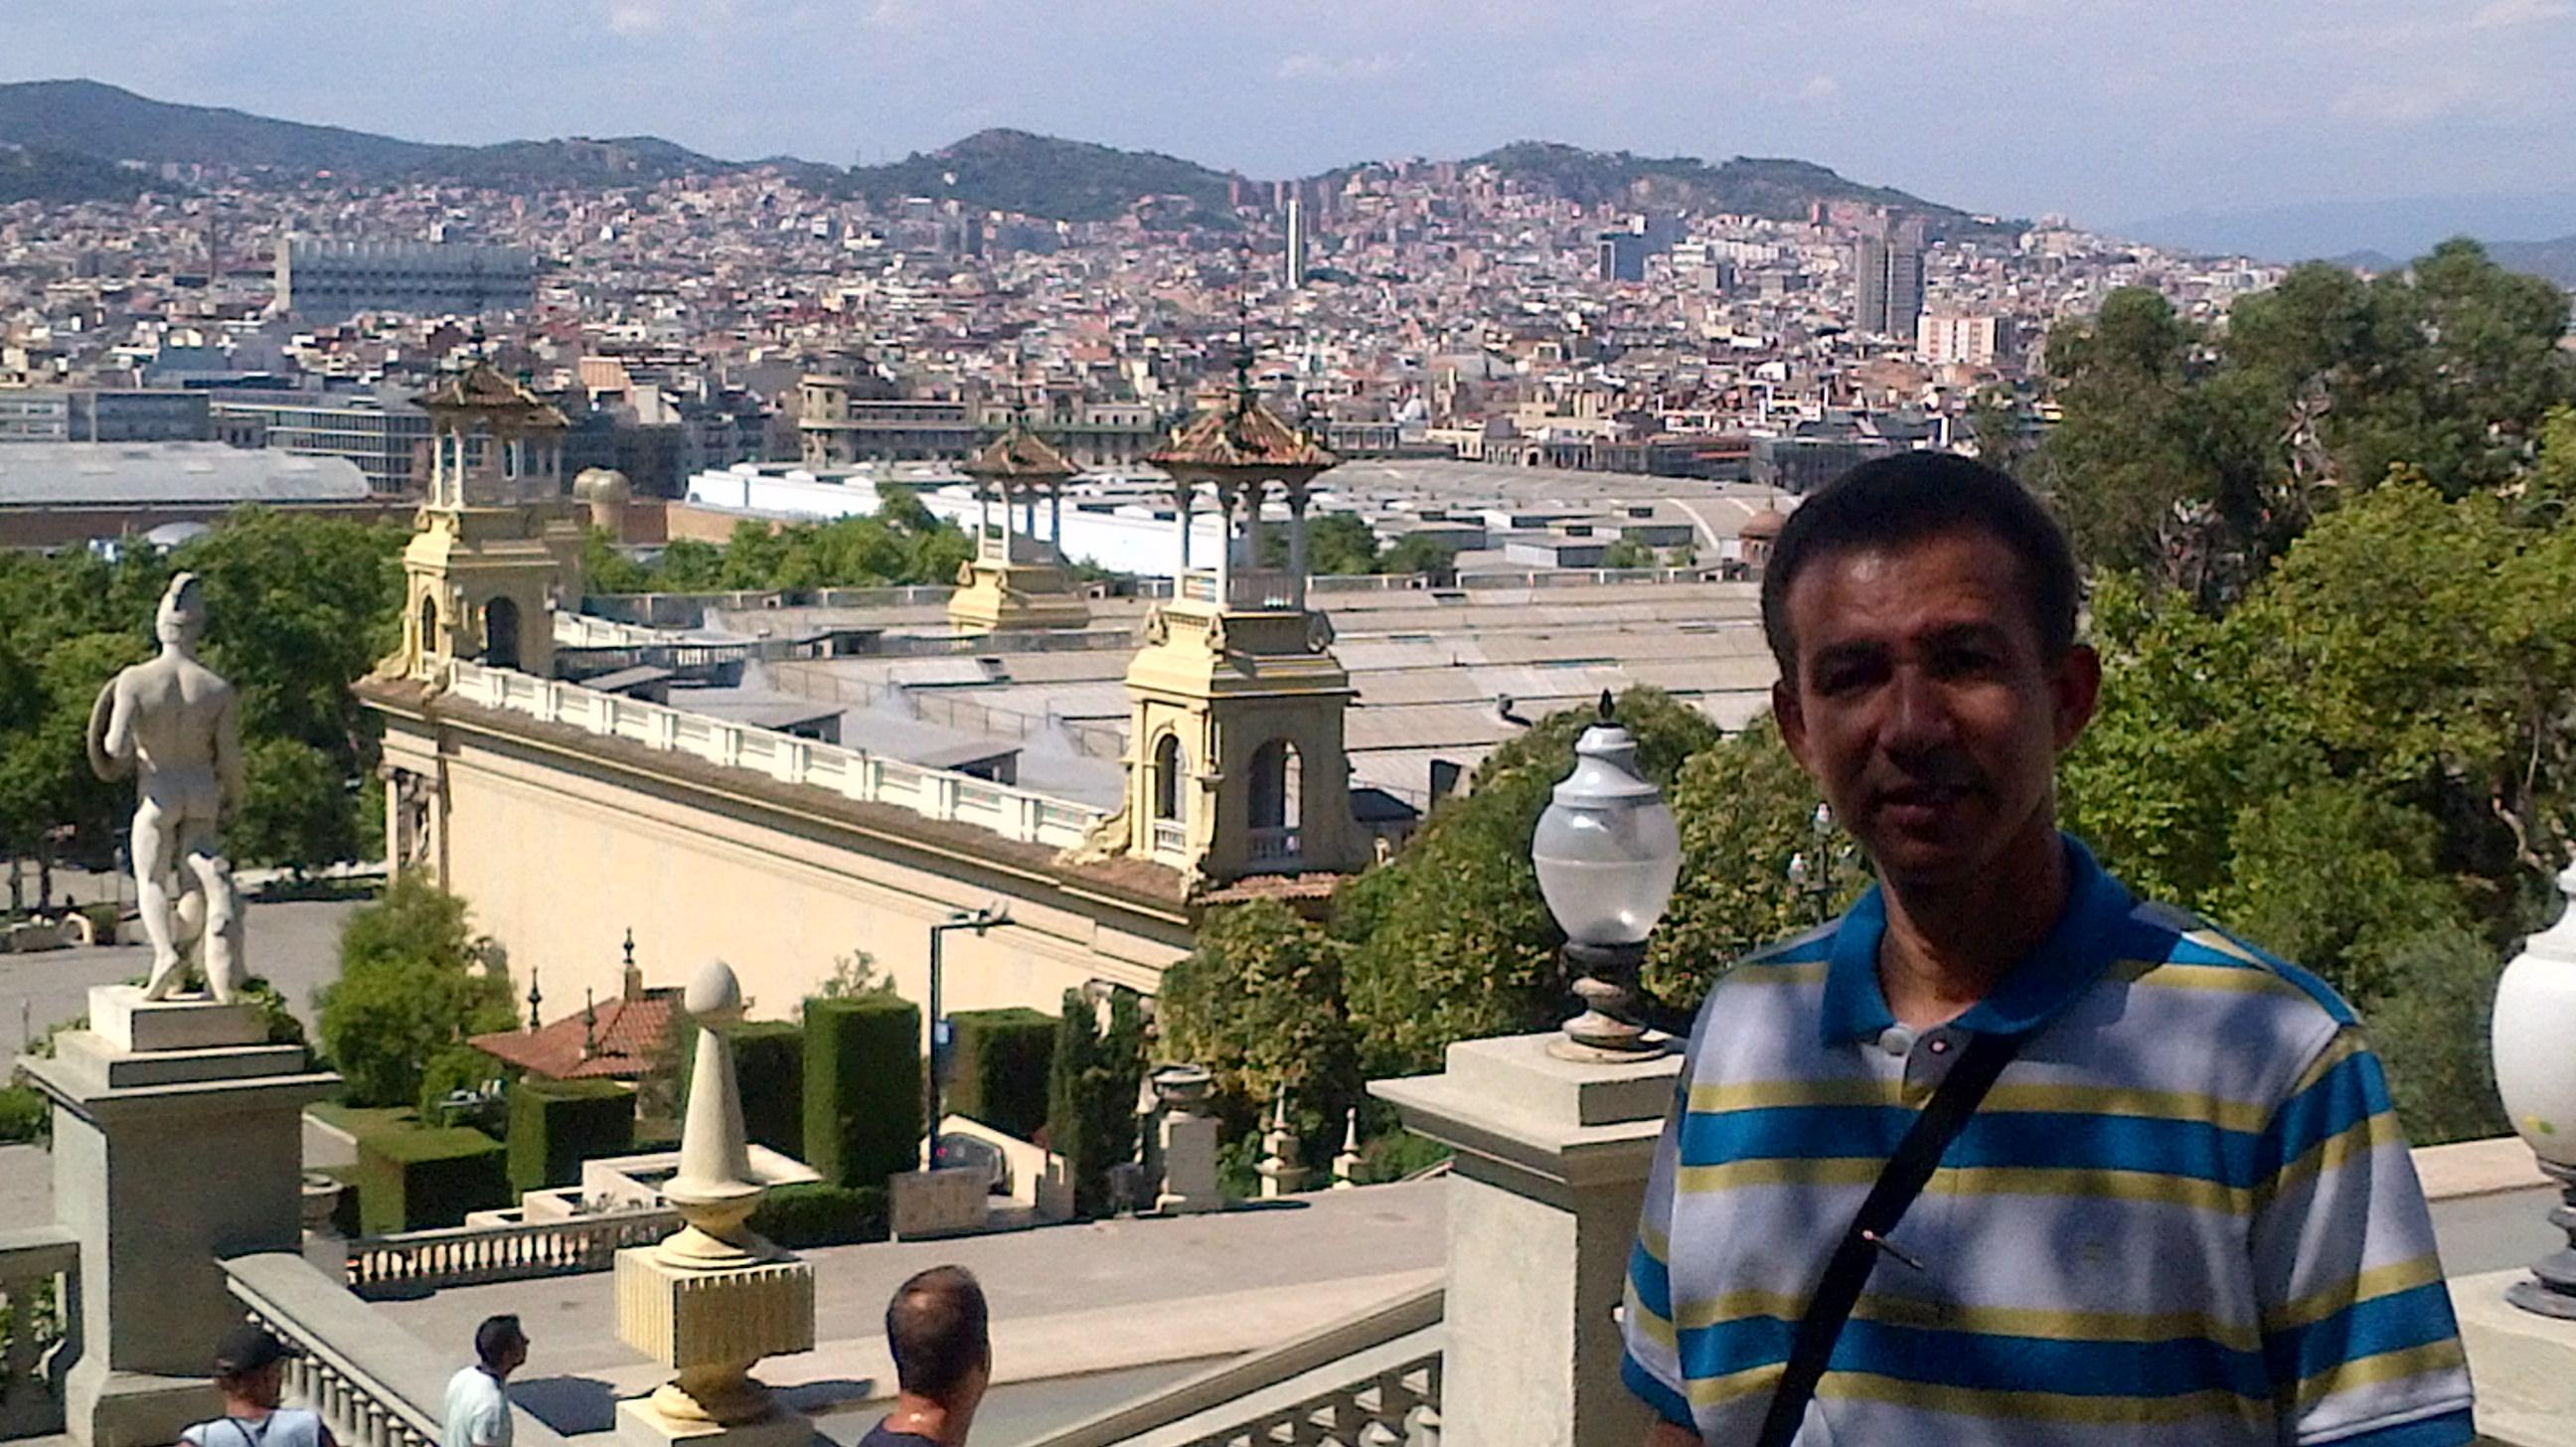 Dustin desde la parte frontal del Museo Nacional de Cataluña, Barcelona, España, 2014